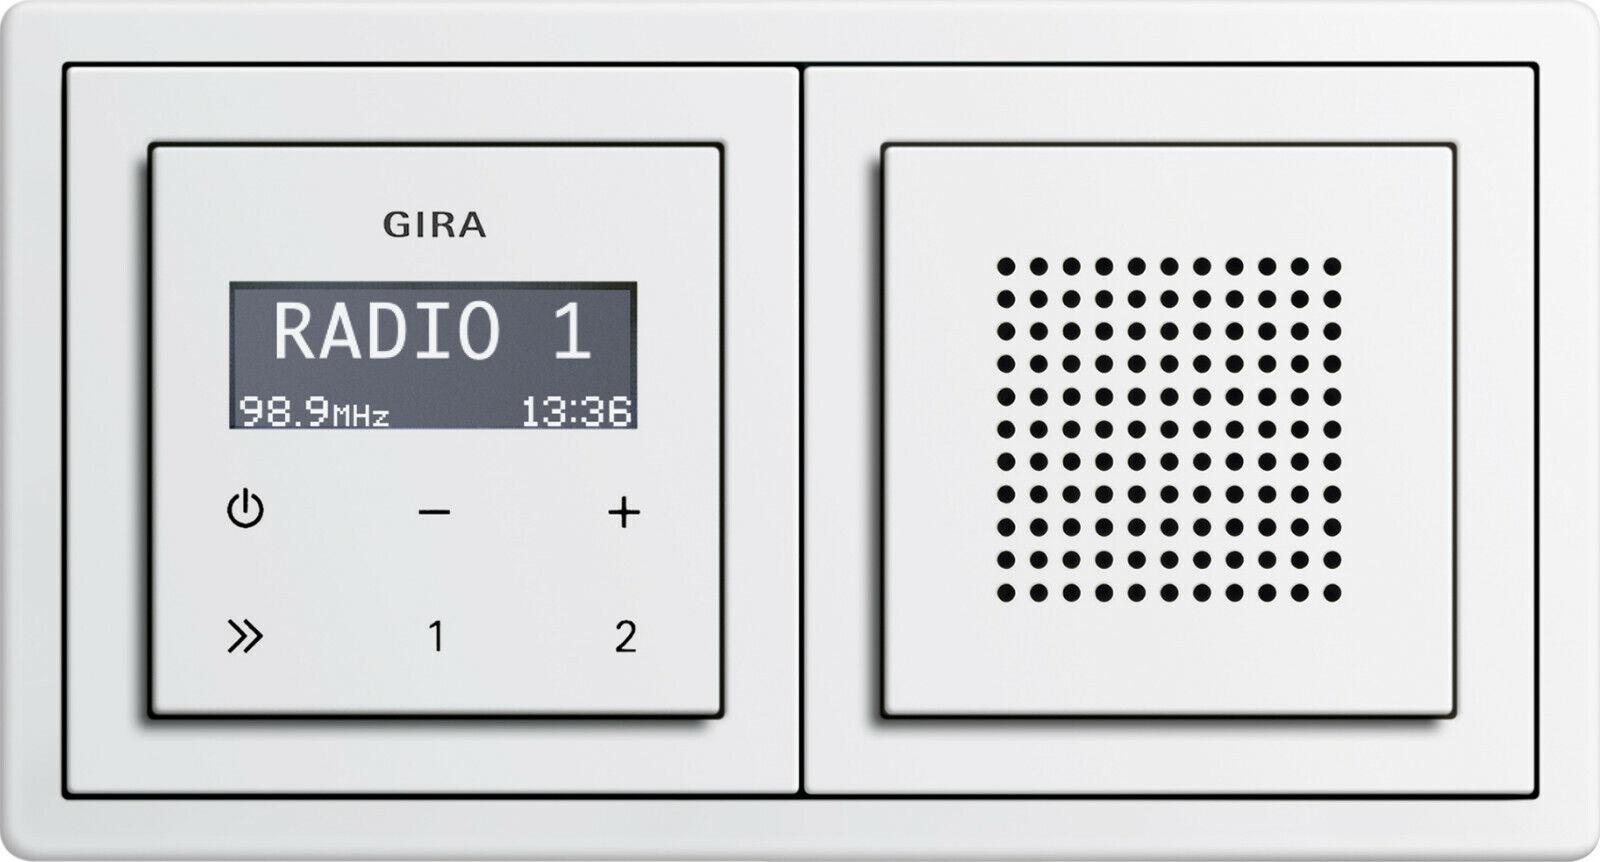 Gira RDS Unterputz Radio E2 mit Lautsprecher und Rahmen | Schöne Farbe